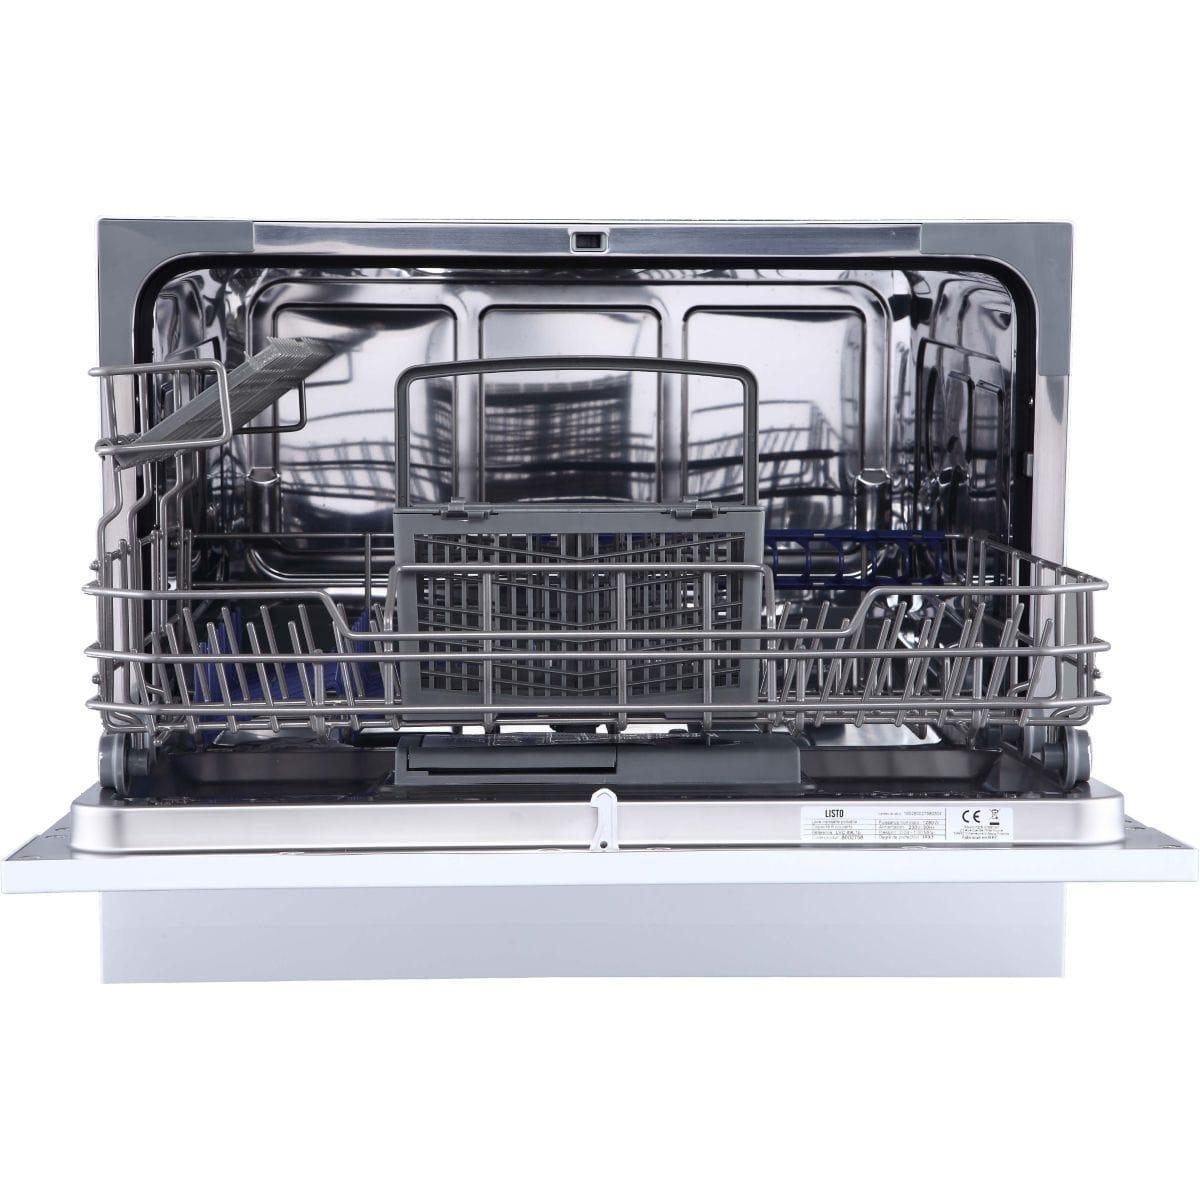 mini lave vaisselle 55 cm listo 49 l1b 6 couverts reconditionn back market. Black Bedroom Furniture Sets. Home Design Ideas